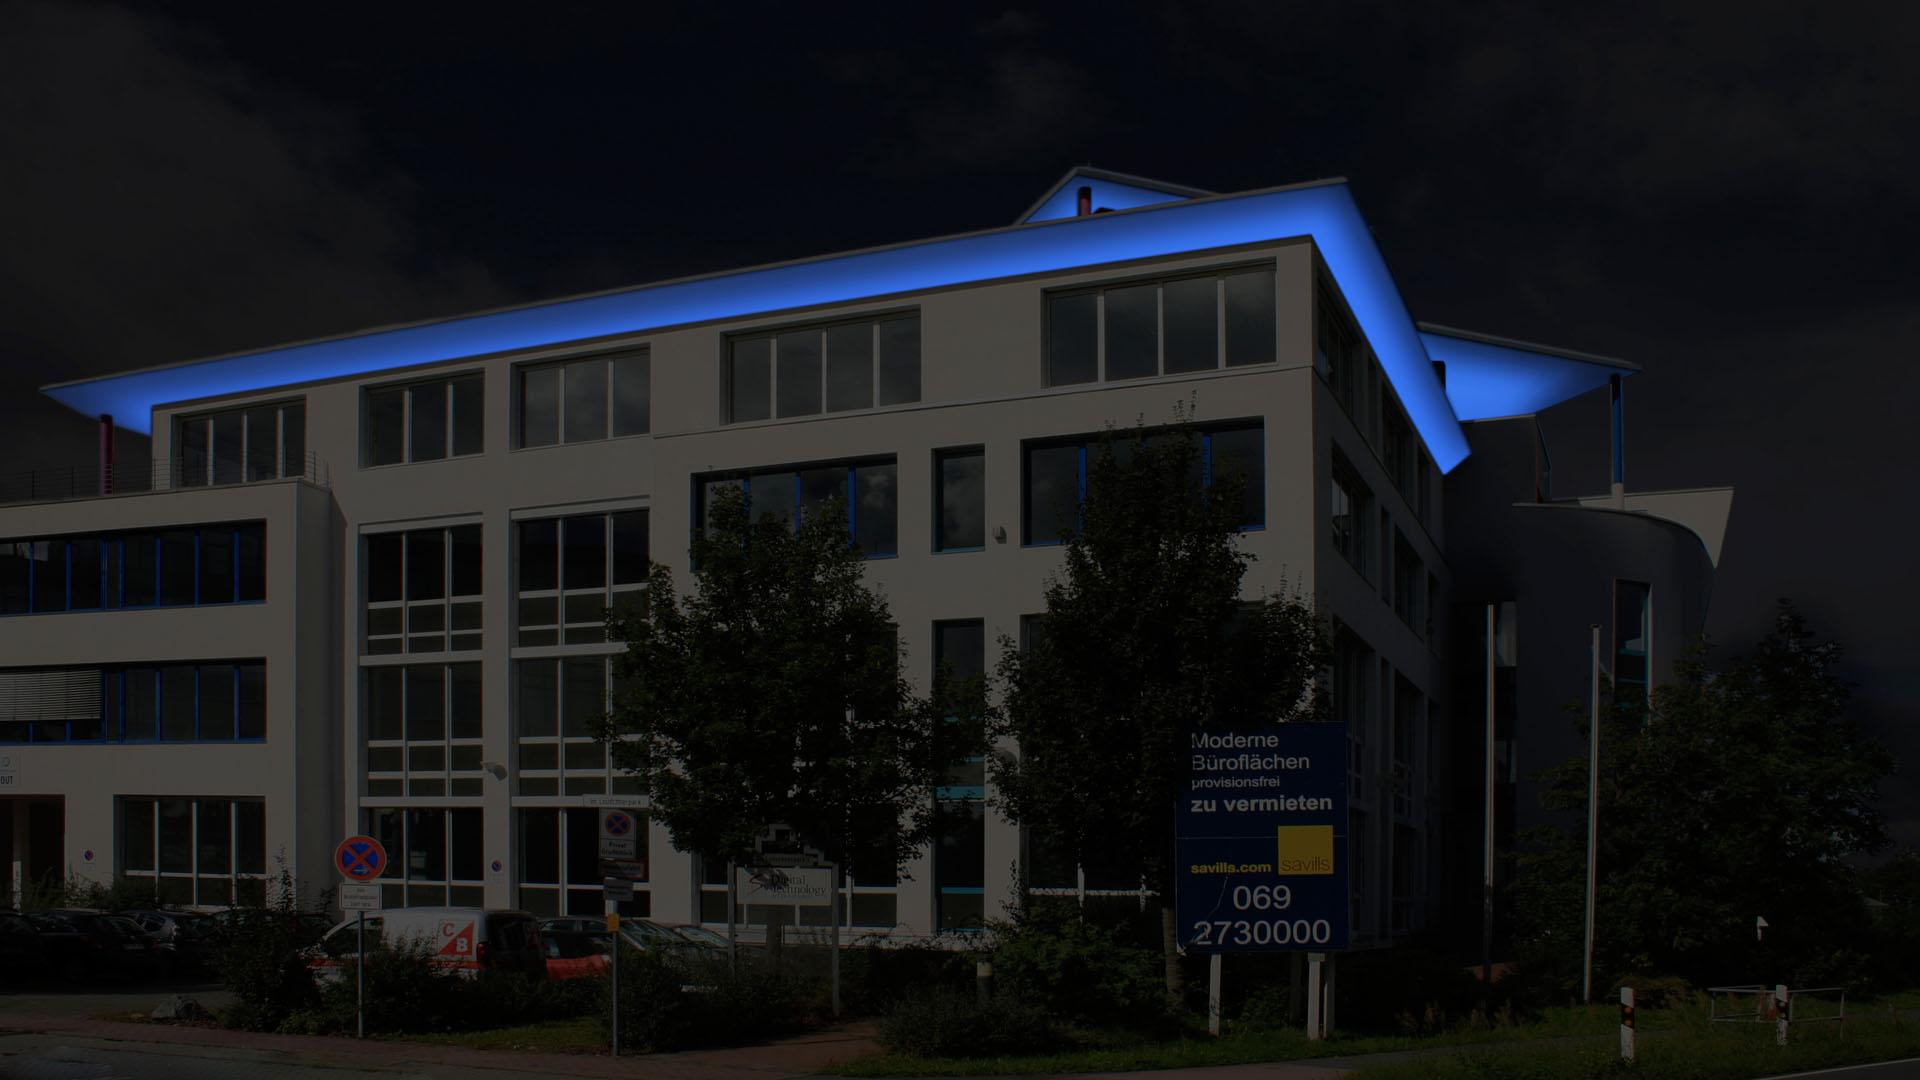 MAASS-Lichtplanung_Fassadenillumination in Darmstadt__MAASS-Leuschner-Park-001